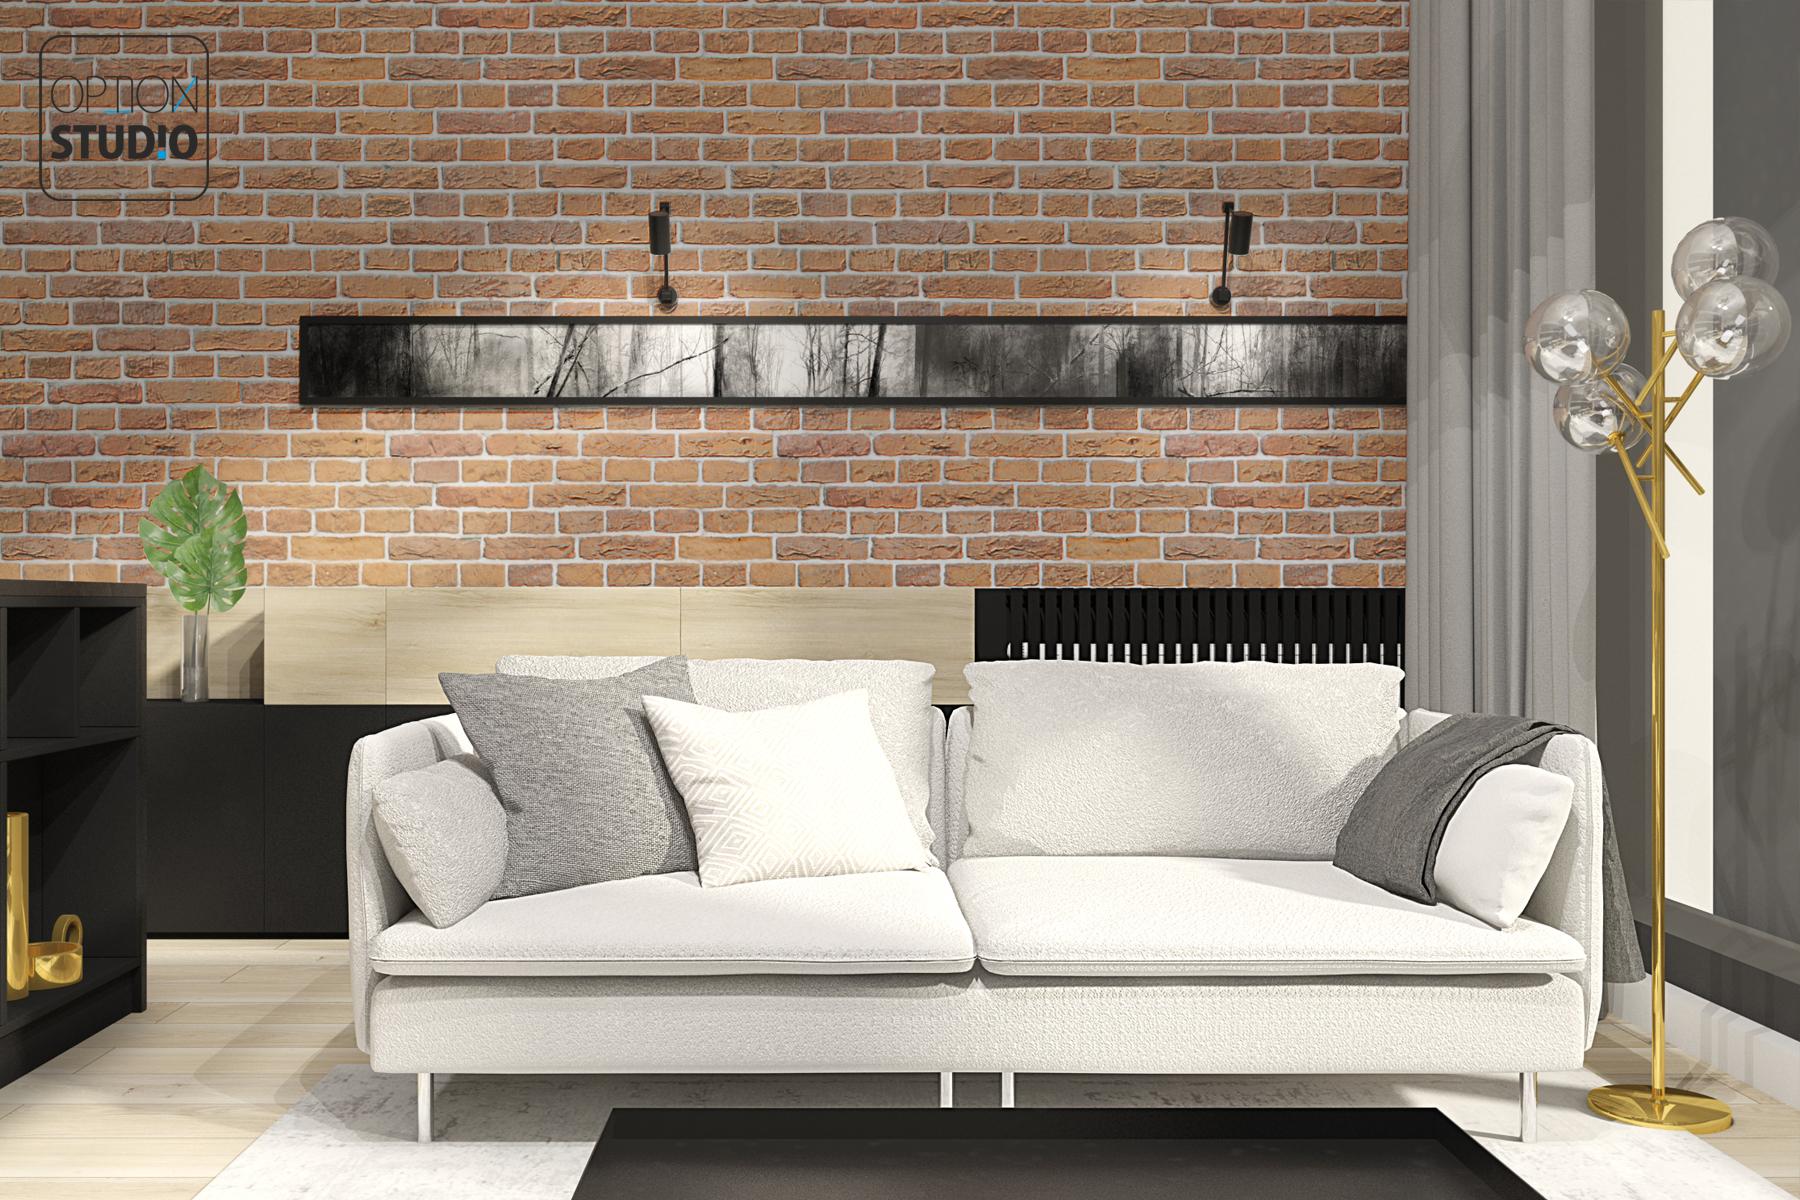 Architekt wnętrz - projekty wnętrz nowoczesnych - Łódź - nowoczesny minimalizm z elementami złota - projekt wnętrz salonu z aneksem kuchennym